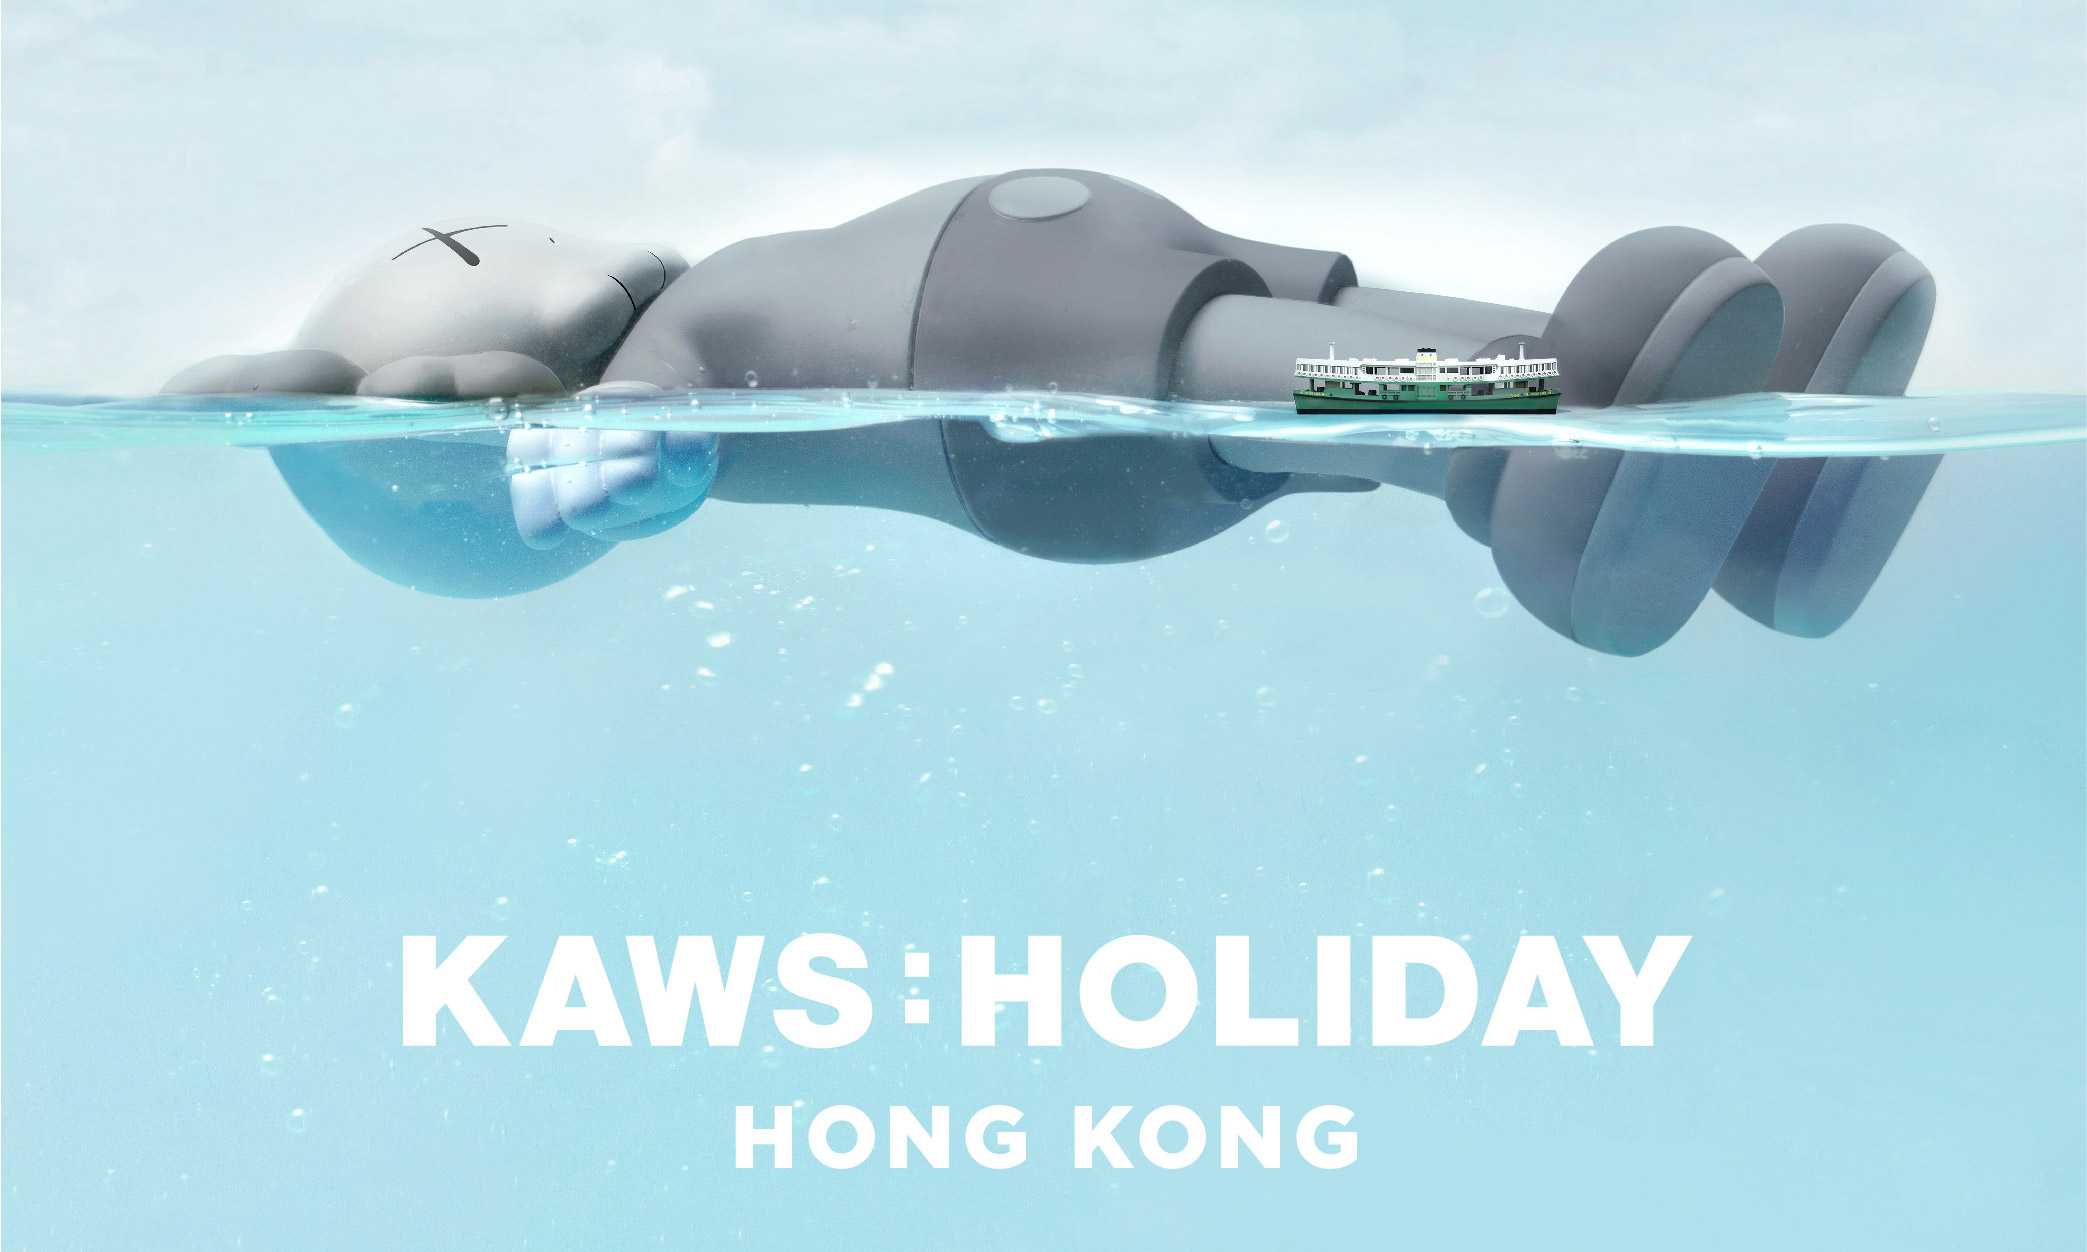 登陆维多利亚港,《KAWS:HOLIDAY》香港站精彩即将开启